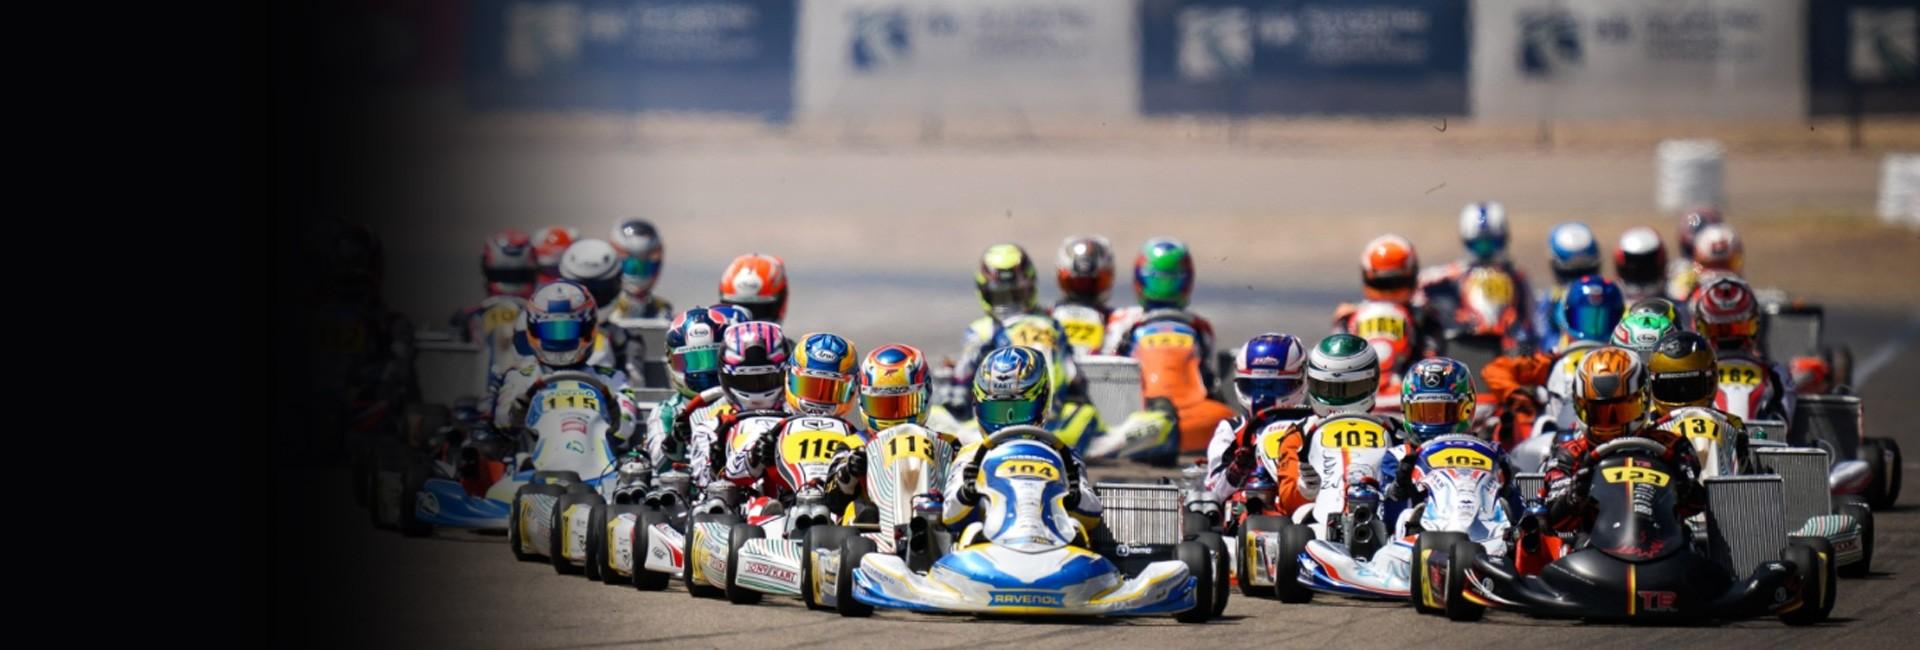 FIA Karting Championship 2021